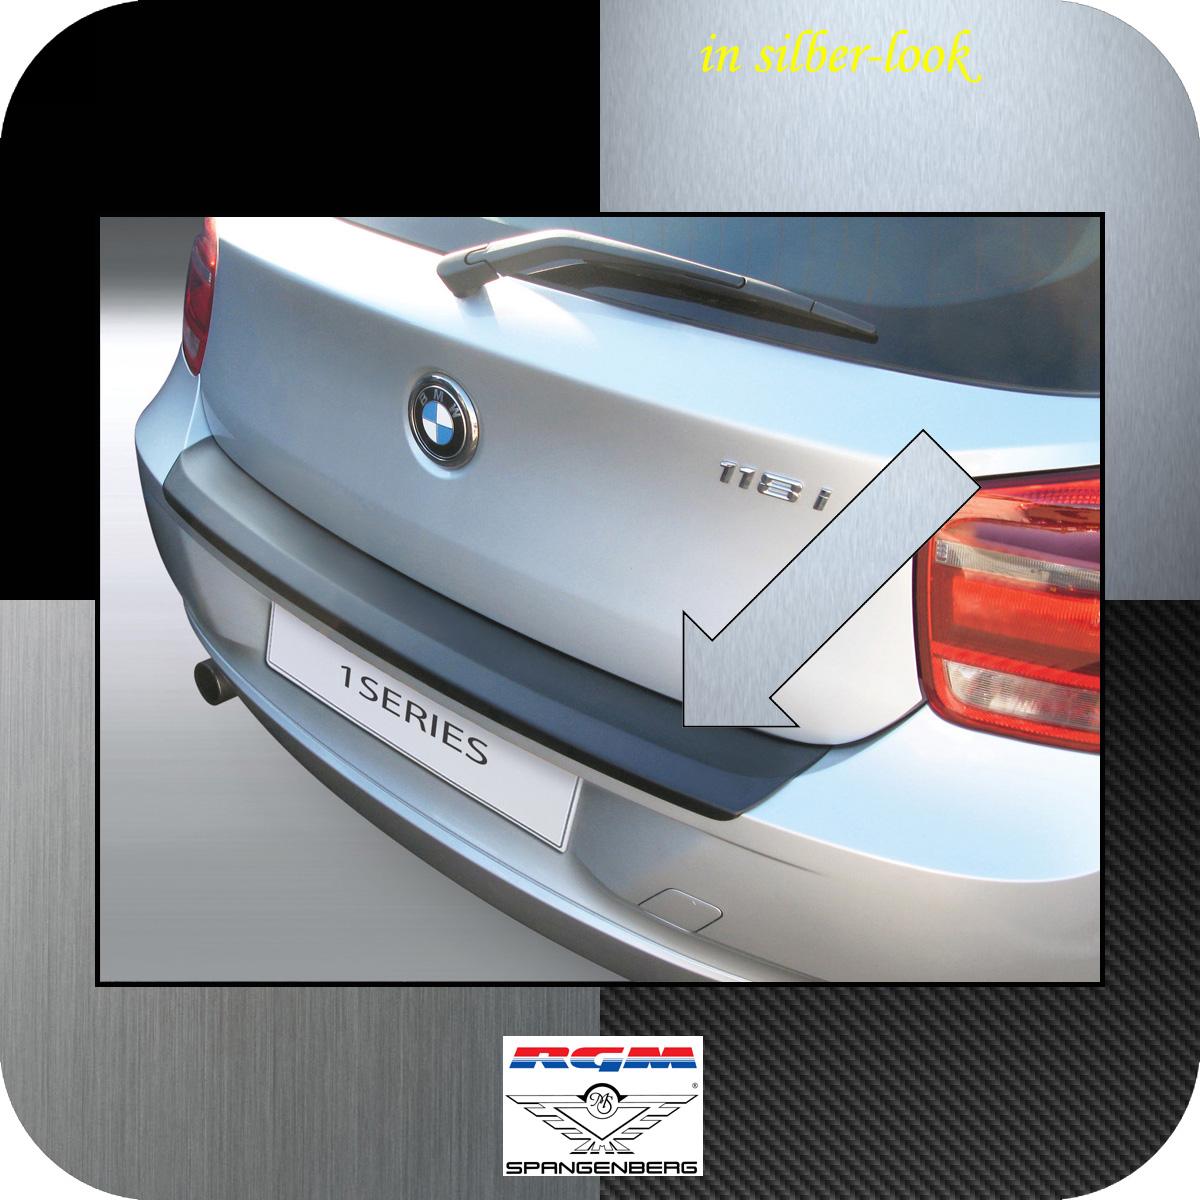 Ladekantenschutz Silber-Look BMW 1er F21 und F20 vor facelift Bj 2011-15 3506554